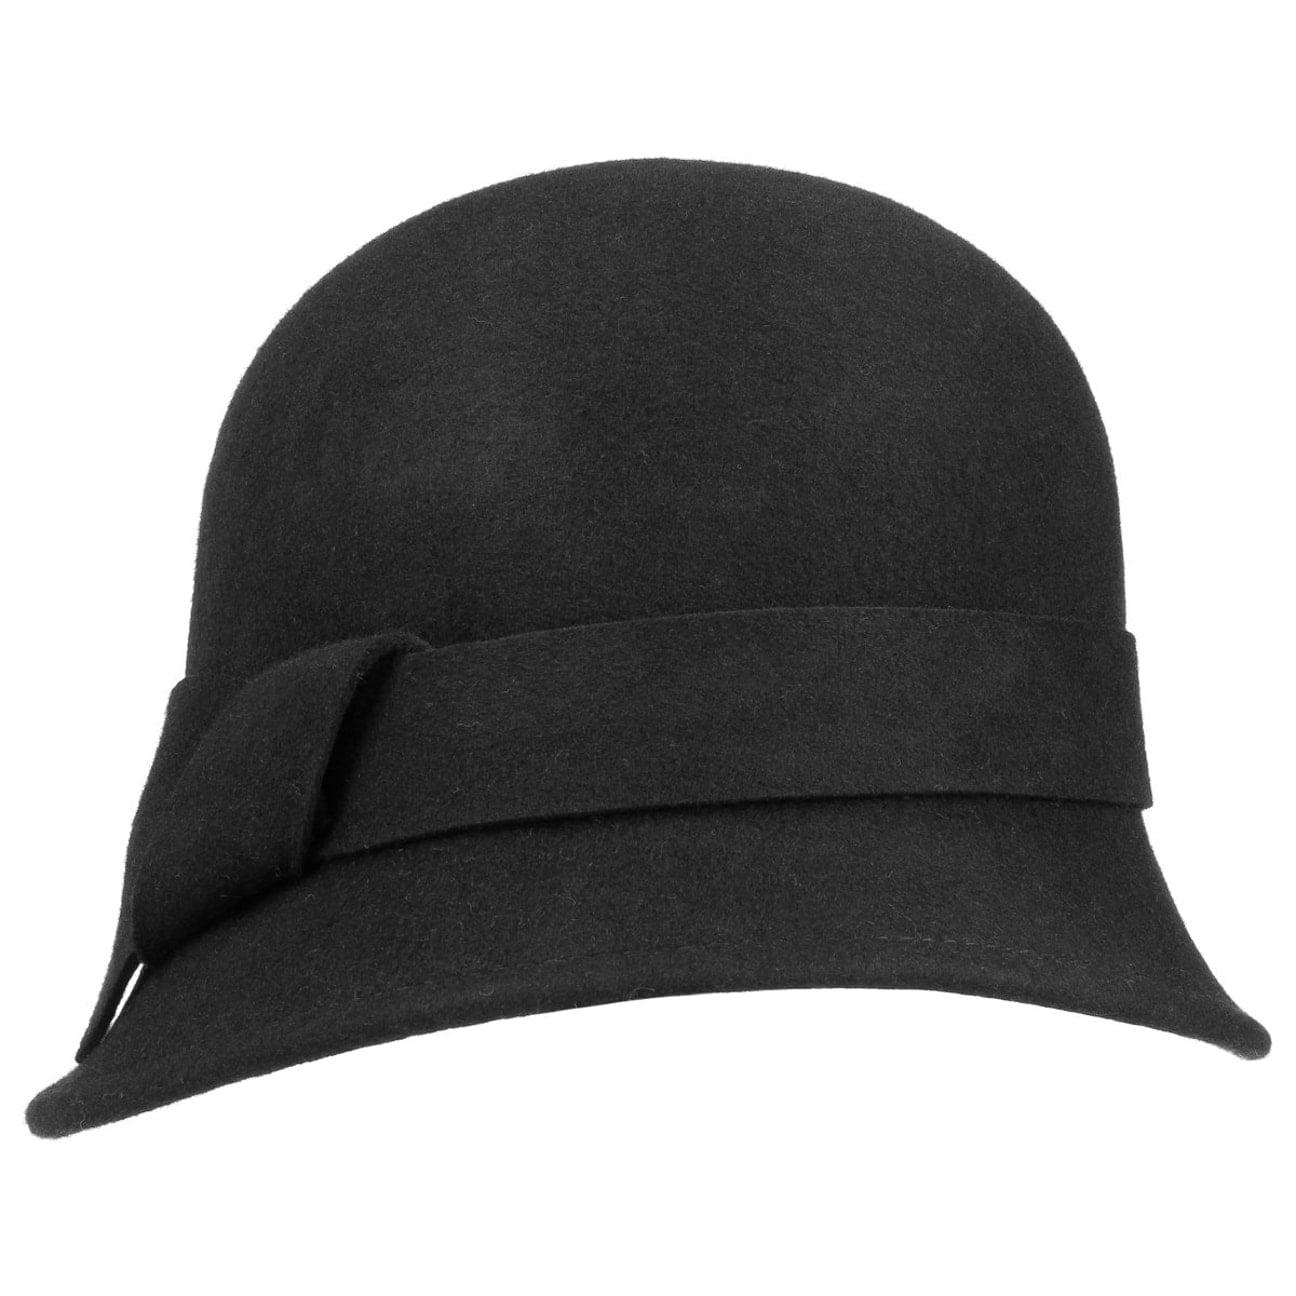 Sombrero Cloch? Fieltro Limosa by Bront?  sombrero cloch